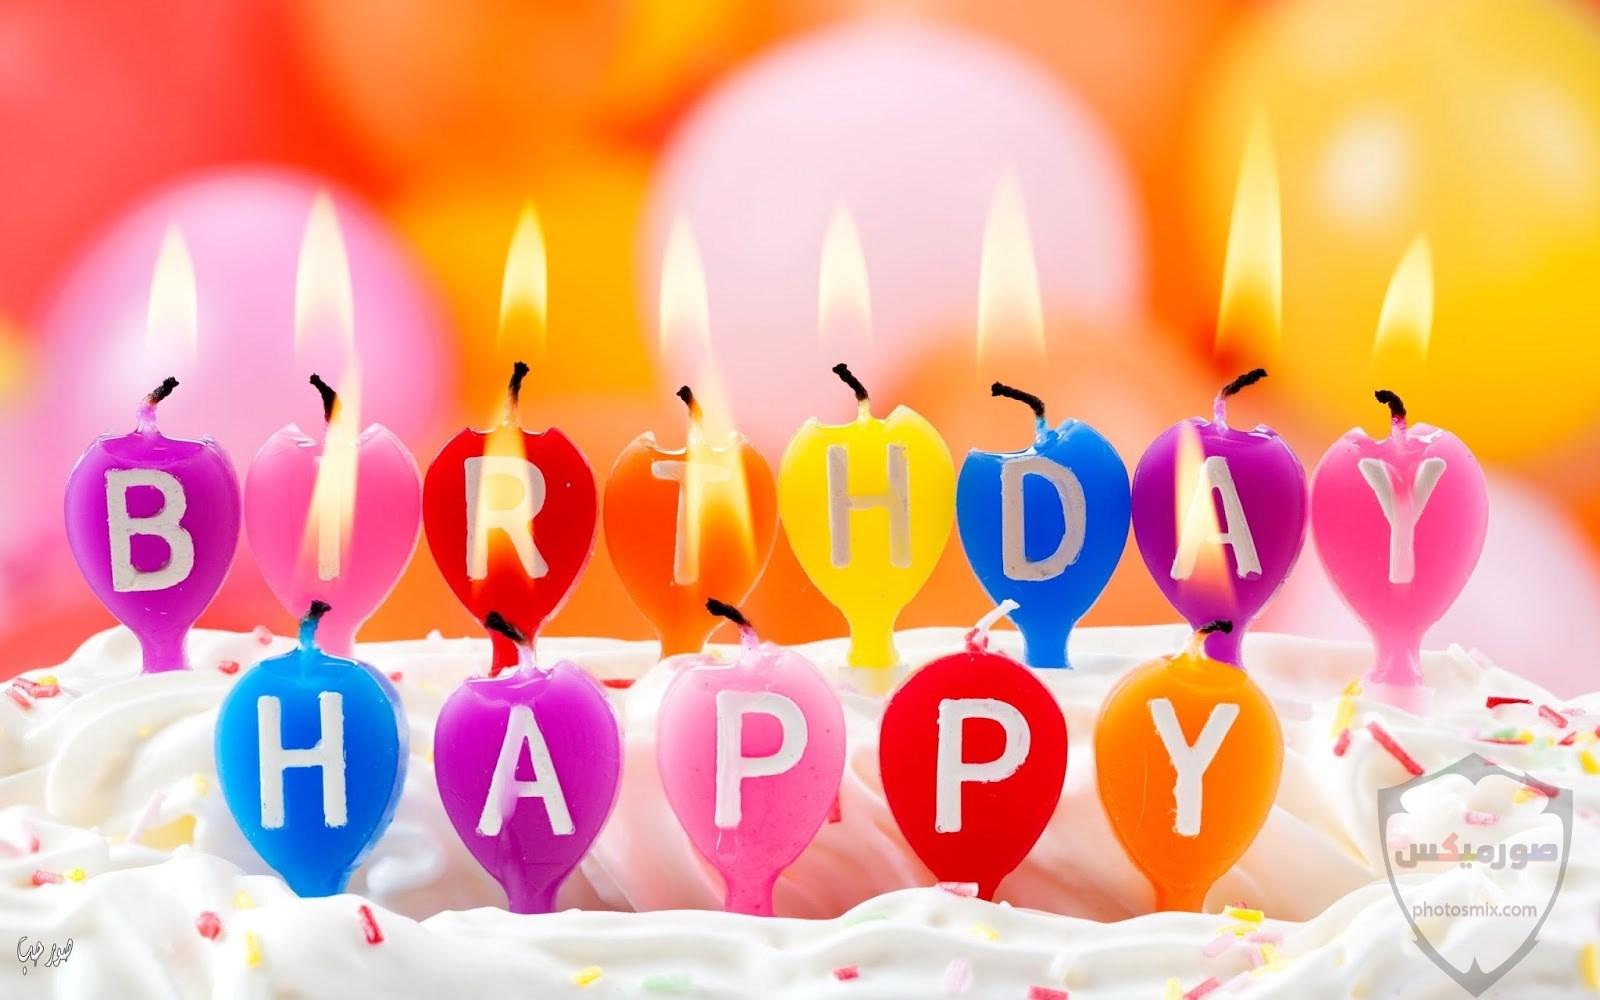 صور عيد ميلاد سعيد 2020 صور تورتة تهنئة لأعياد الميلاد 2021 صور happy birth day 6